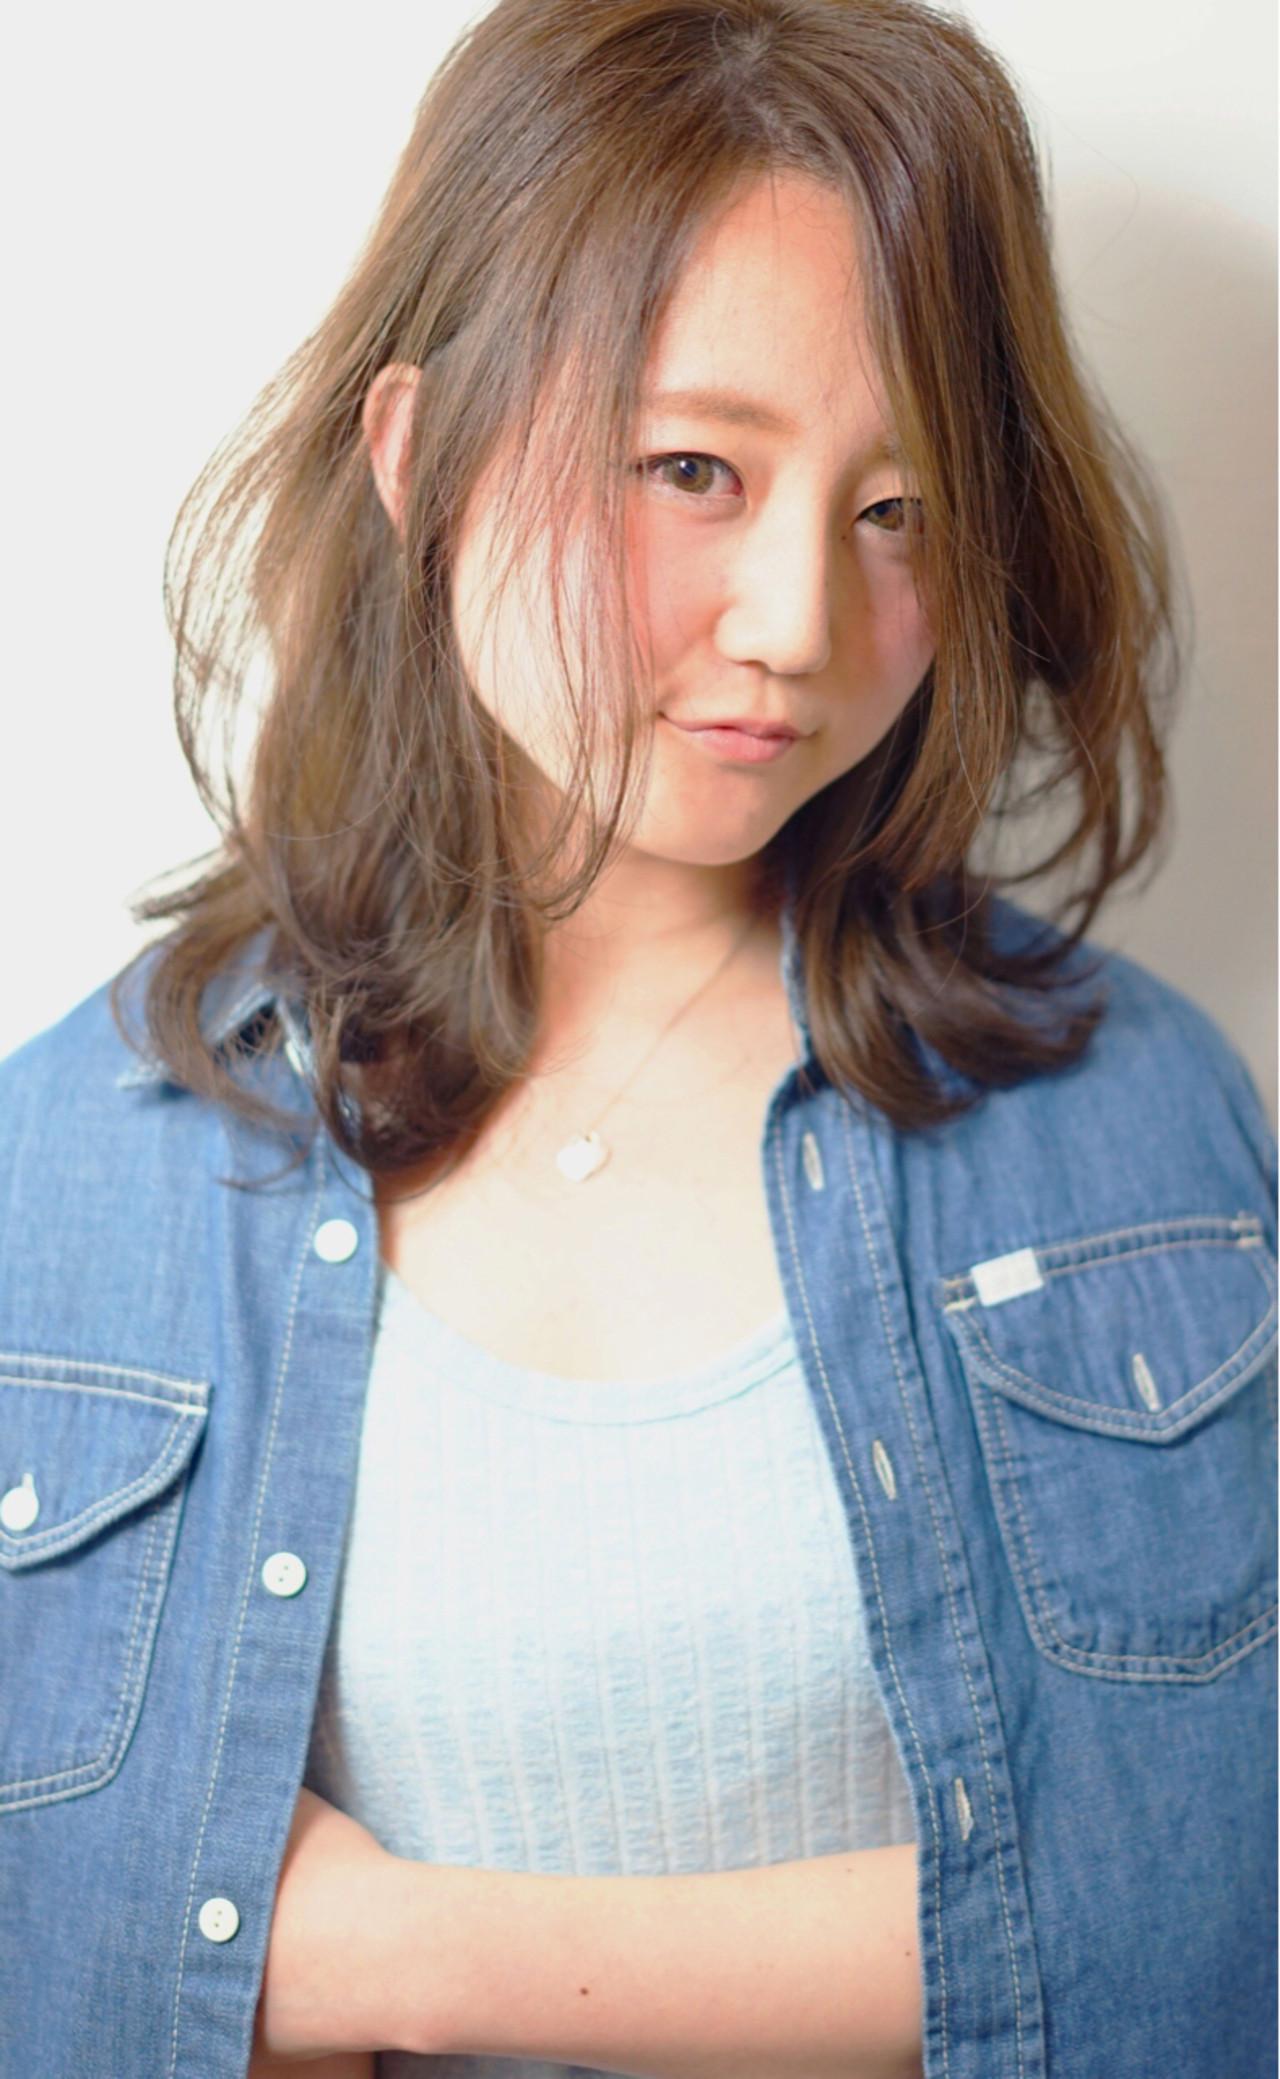 ナチュラル レイヤーカット アッシュ センターパート ヘアスタイルや髪型の写真・画像 | 渡辺拓吏【NUM】 / hair salon NUM